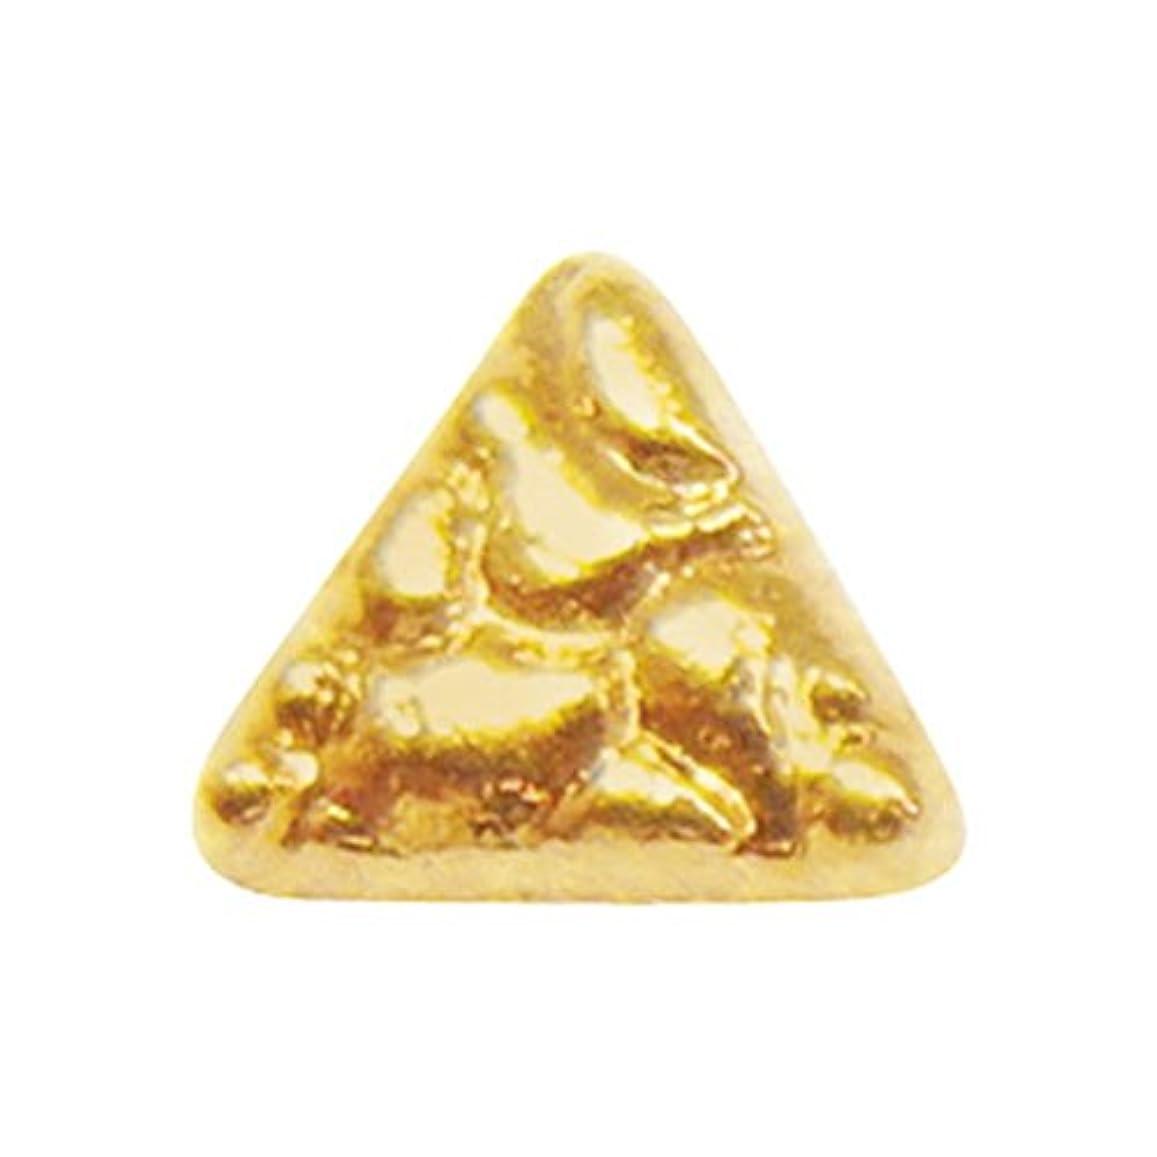 寛大さ珍味召喚するジェルネイル  サンシャインベビー アンティーク トライアングル(ゴールド) 10P